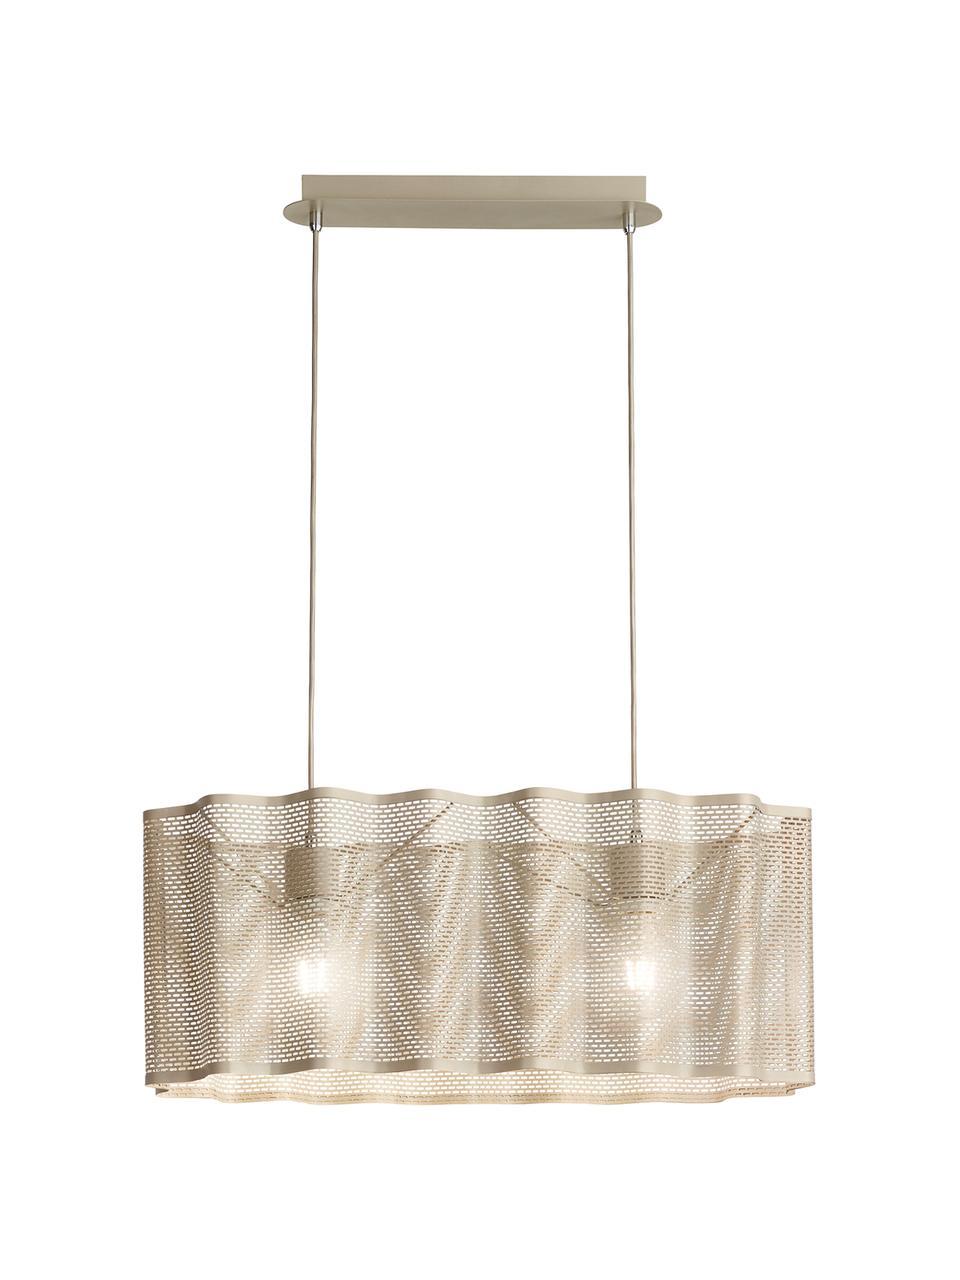 Lampada a sospensione ovale dorata Glicine, Paralume: metallo rivestito, Baldacchino: metallo rivestito, Dorato, Larg. 70 x Alt. 28 cm